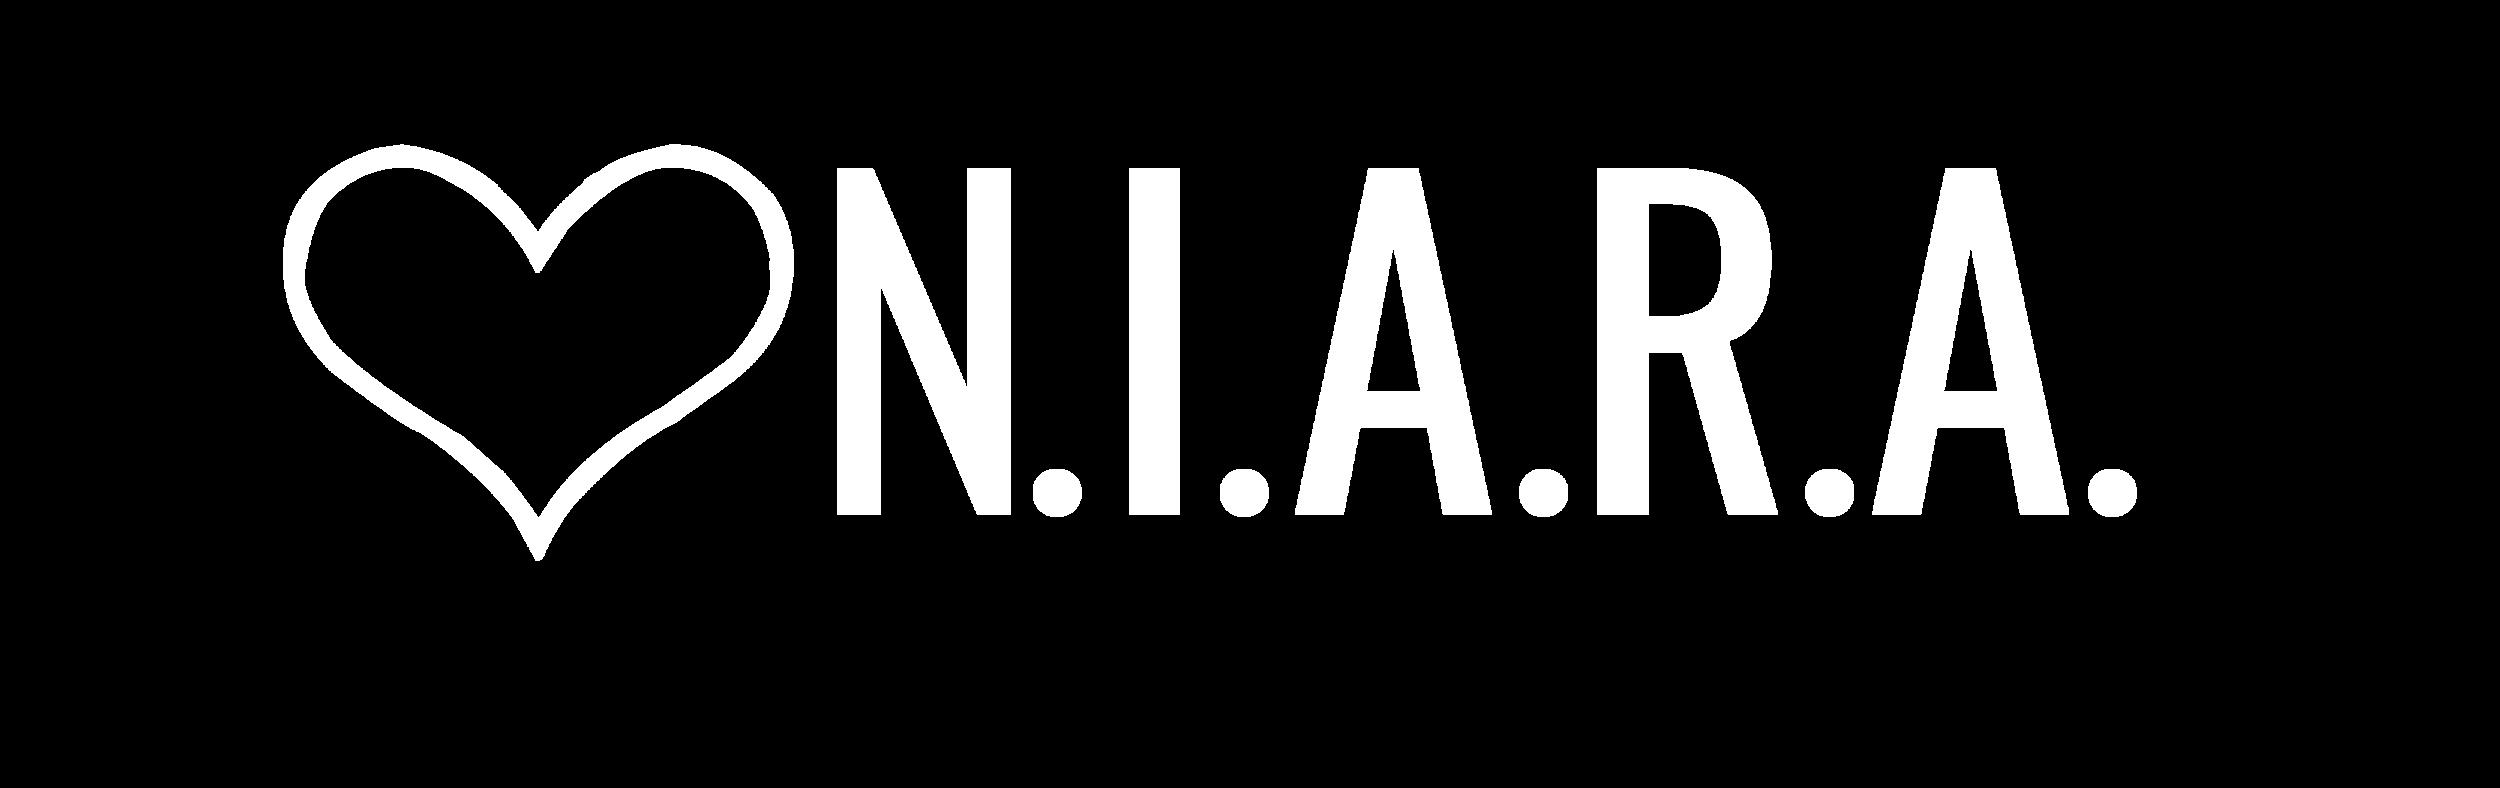 NIARAicons-05.png